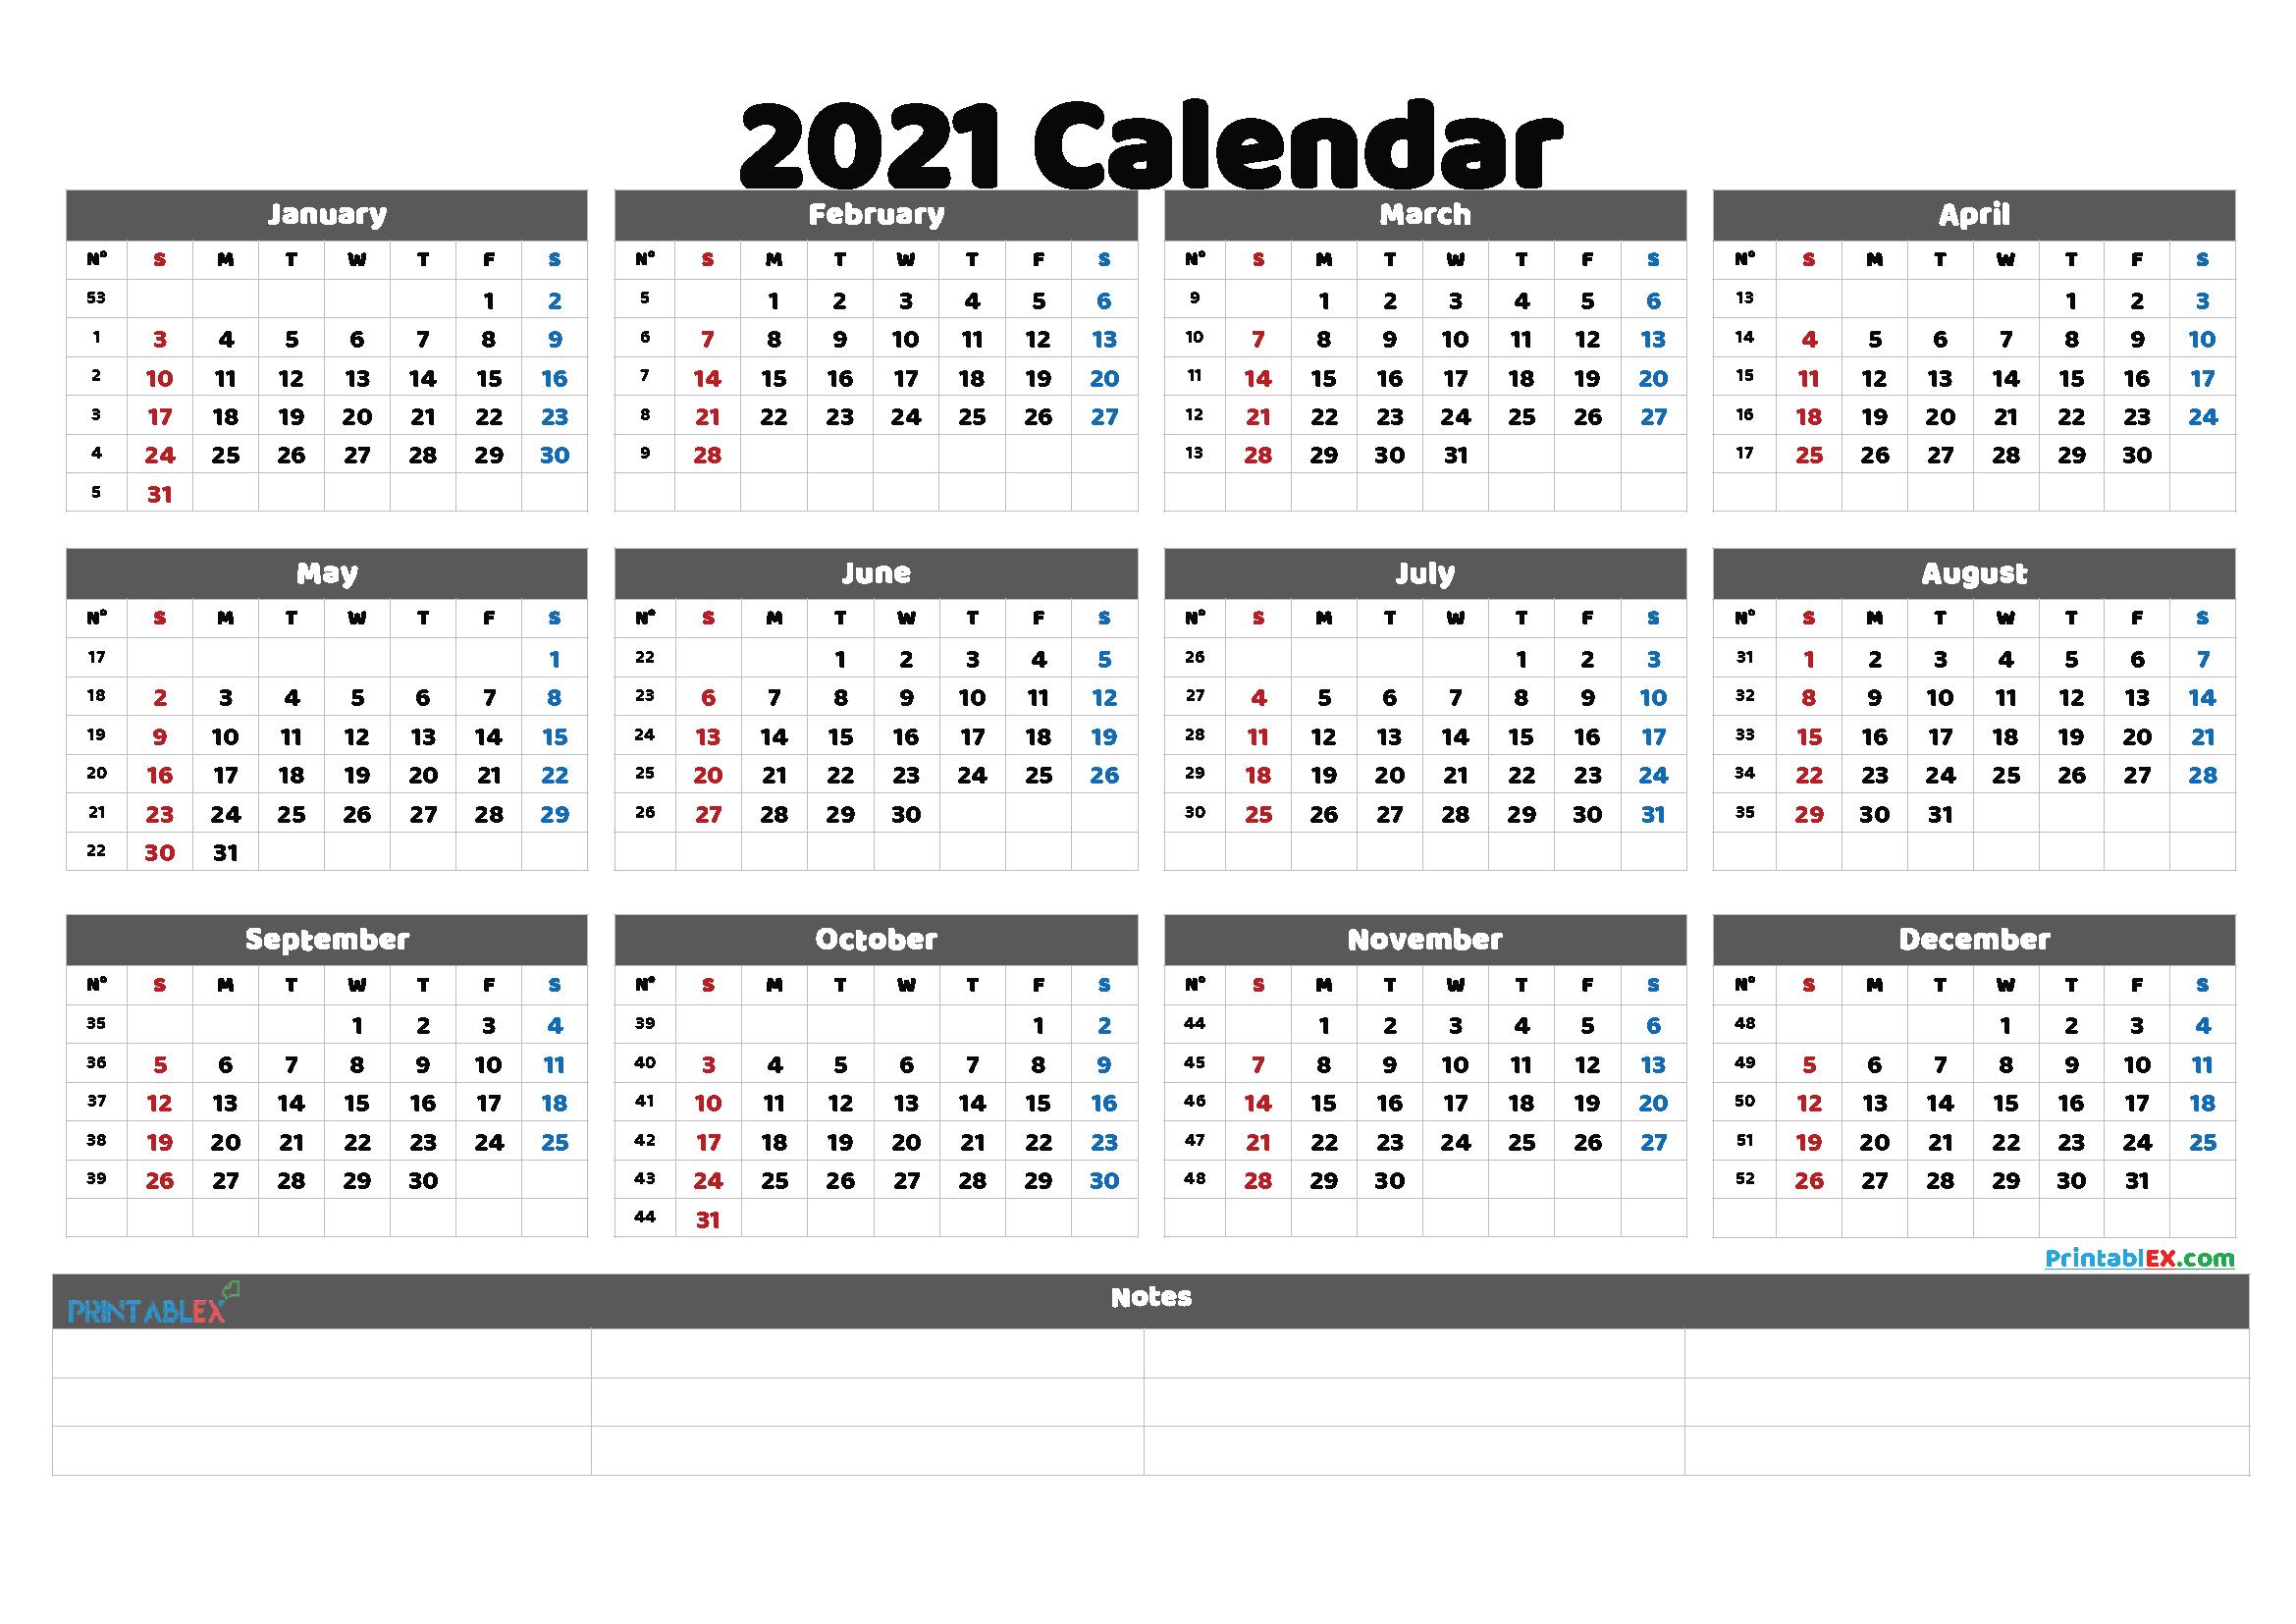 Free Cute Printable Calendar 2021 (Font: impri)